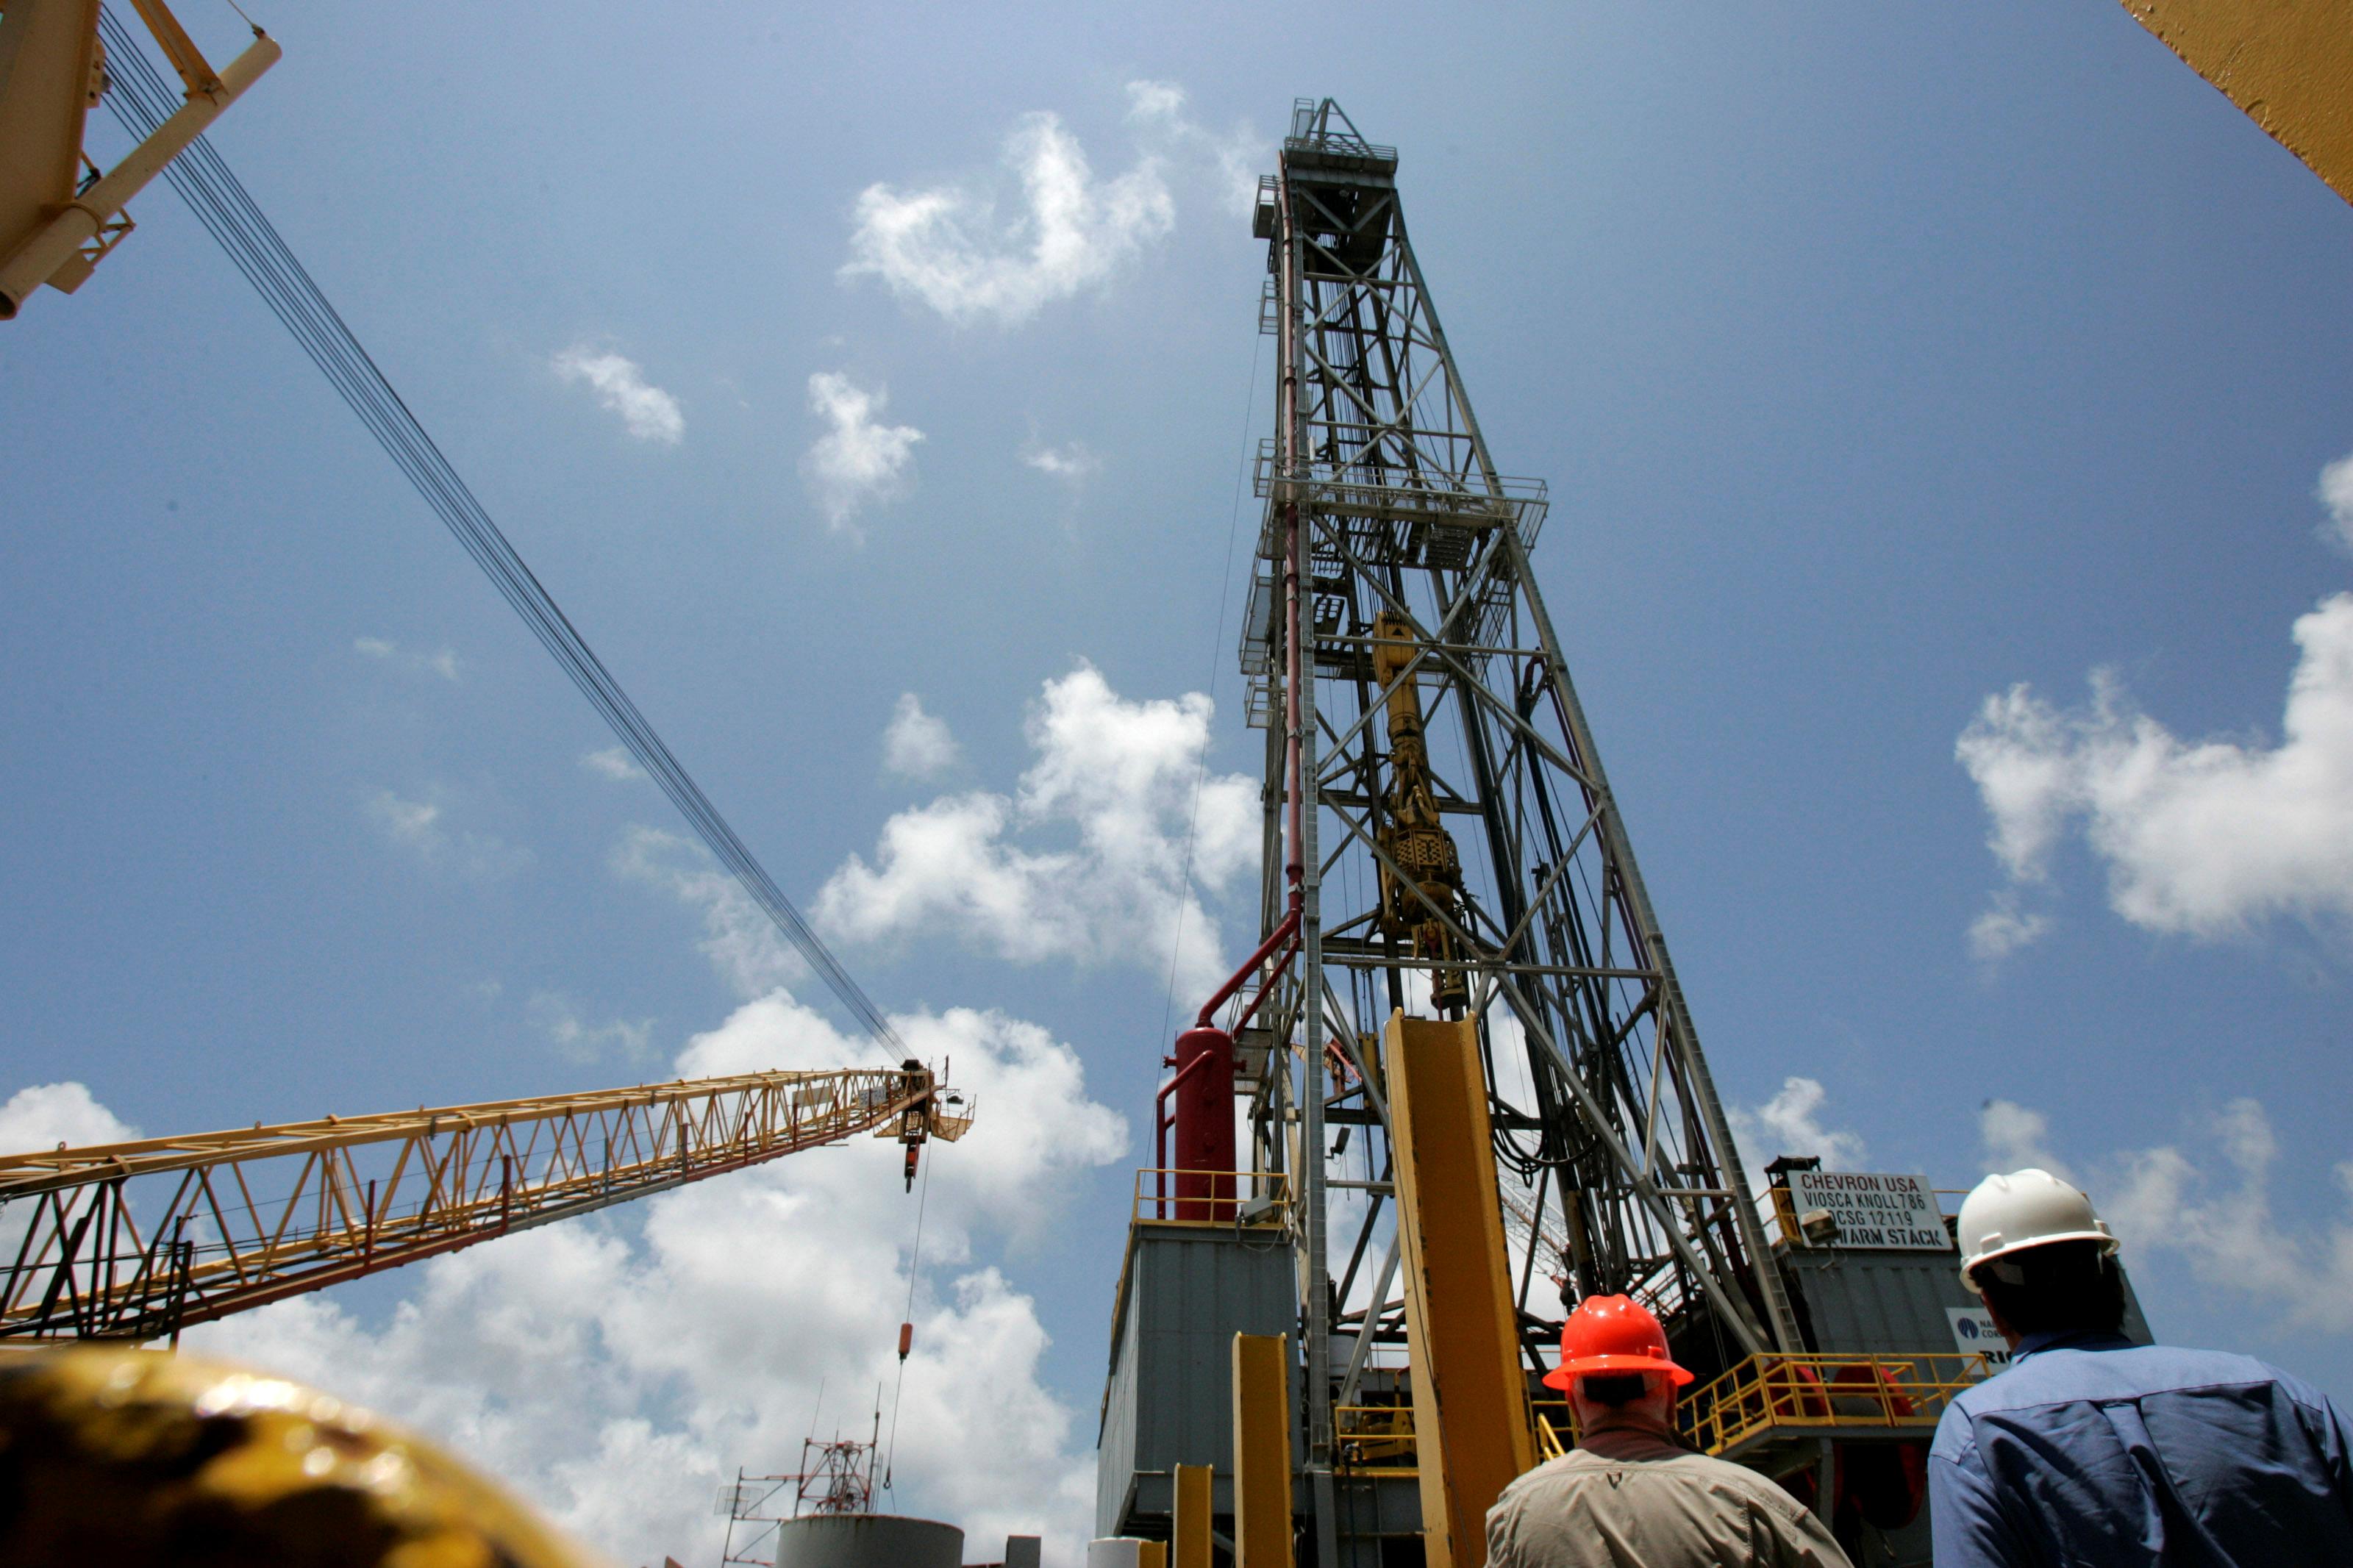 Chevron To Expand In Permian Basin, Acquiring Anadarko Petroleum For $33 Billion